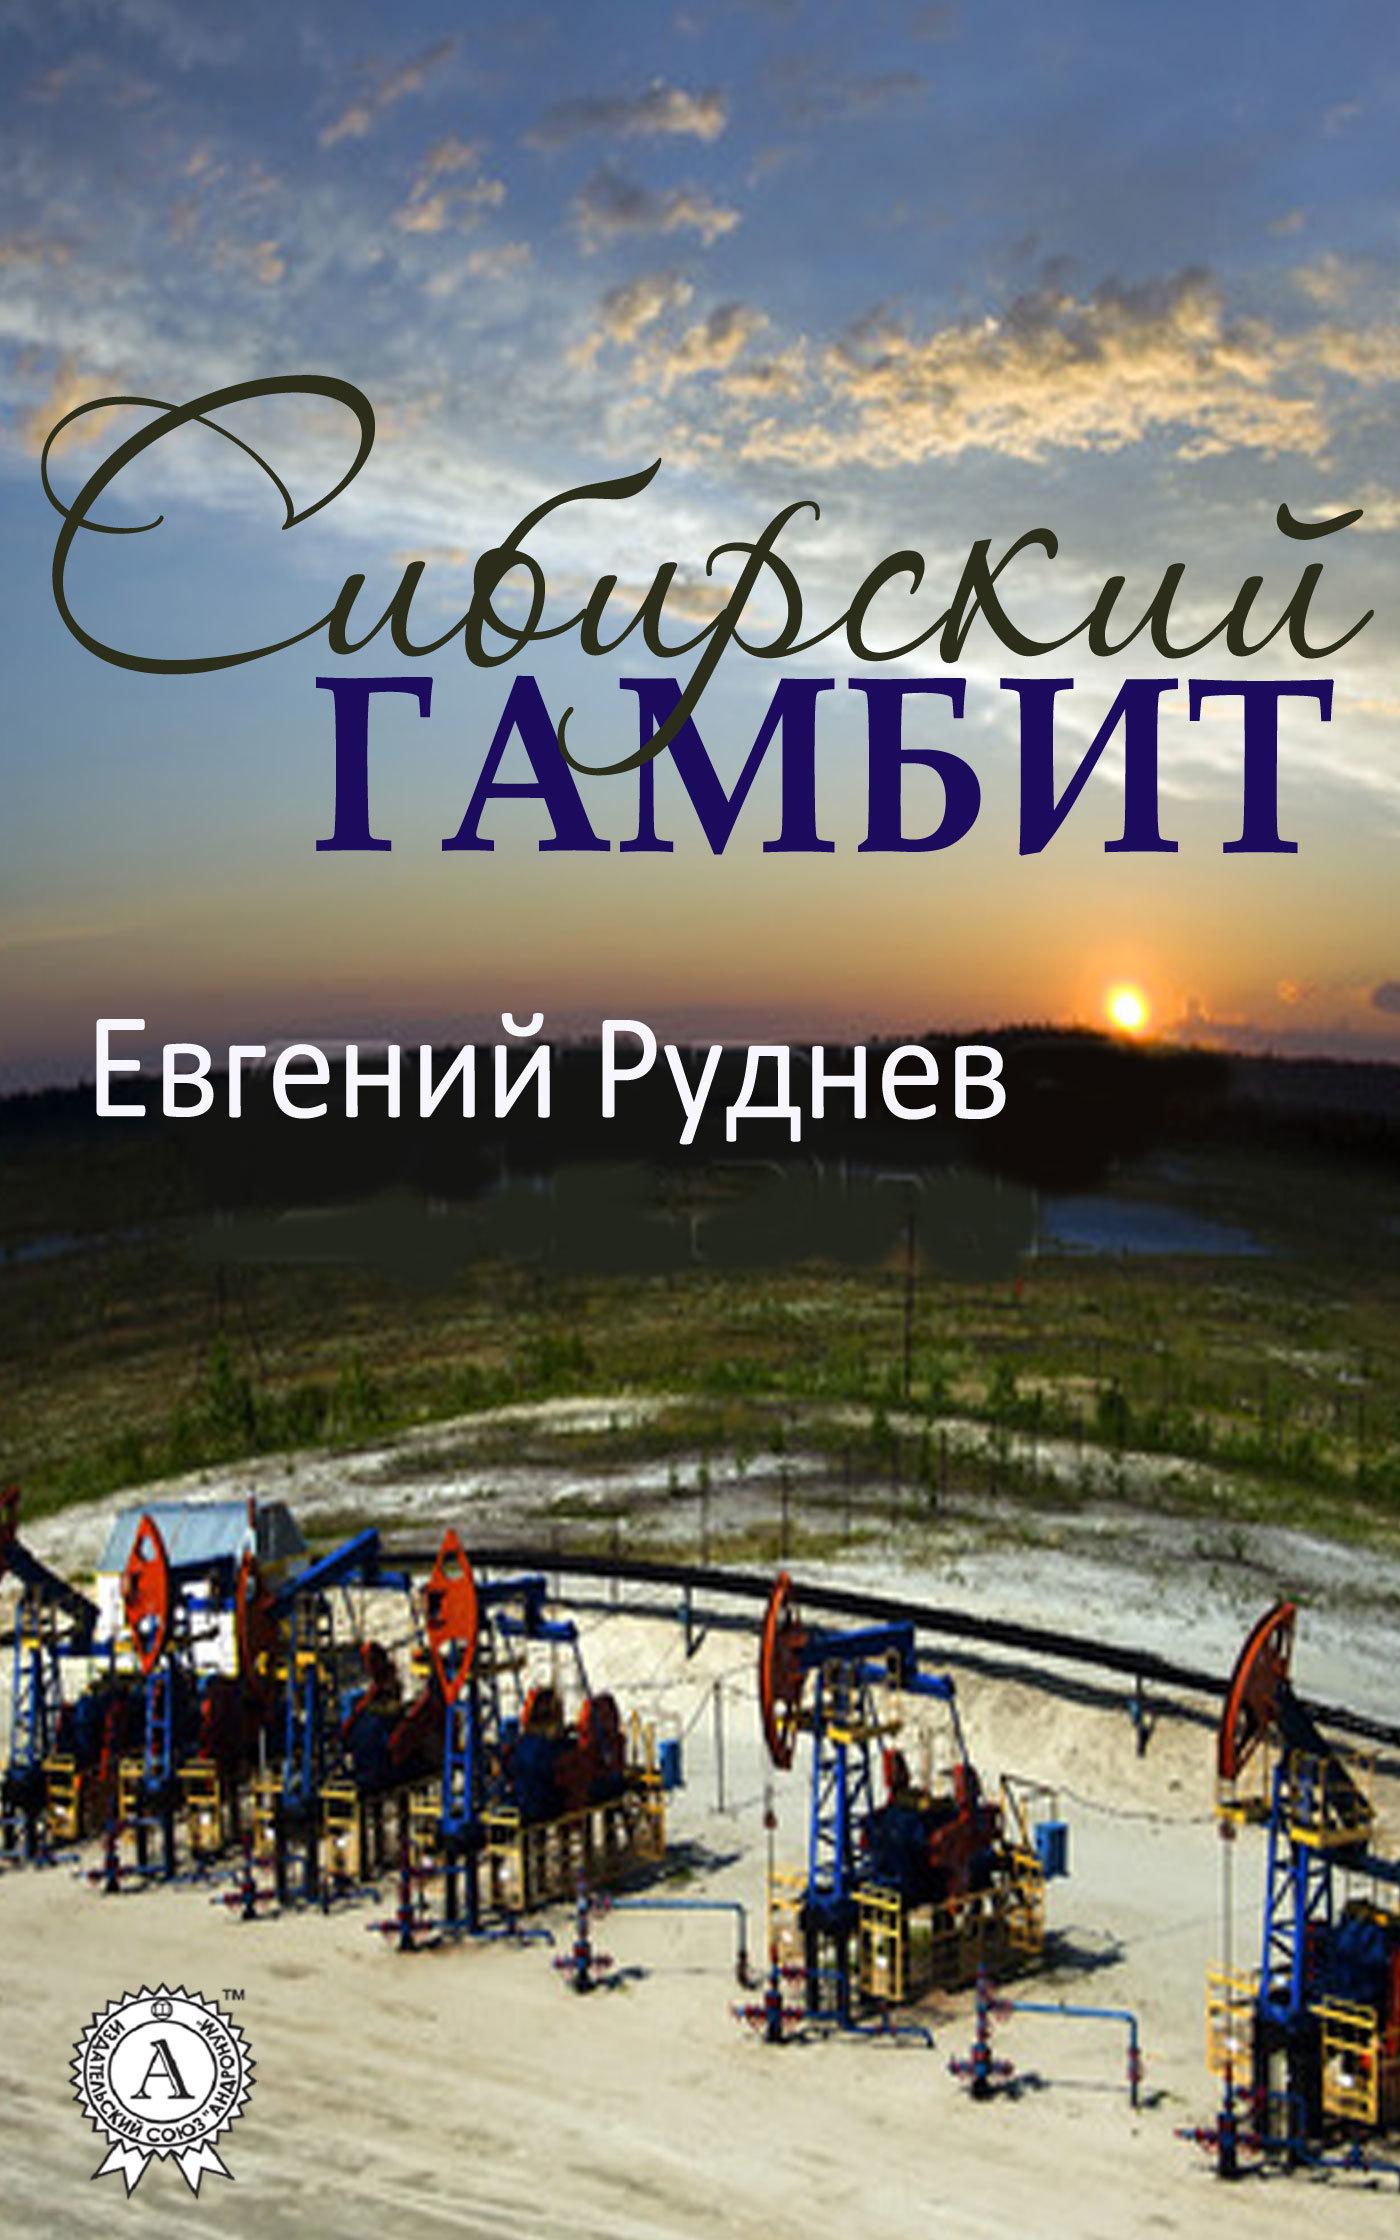 Евгений Руднев Сибирский гамбит интросан где в киеве